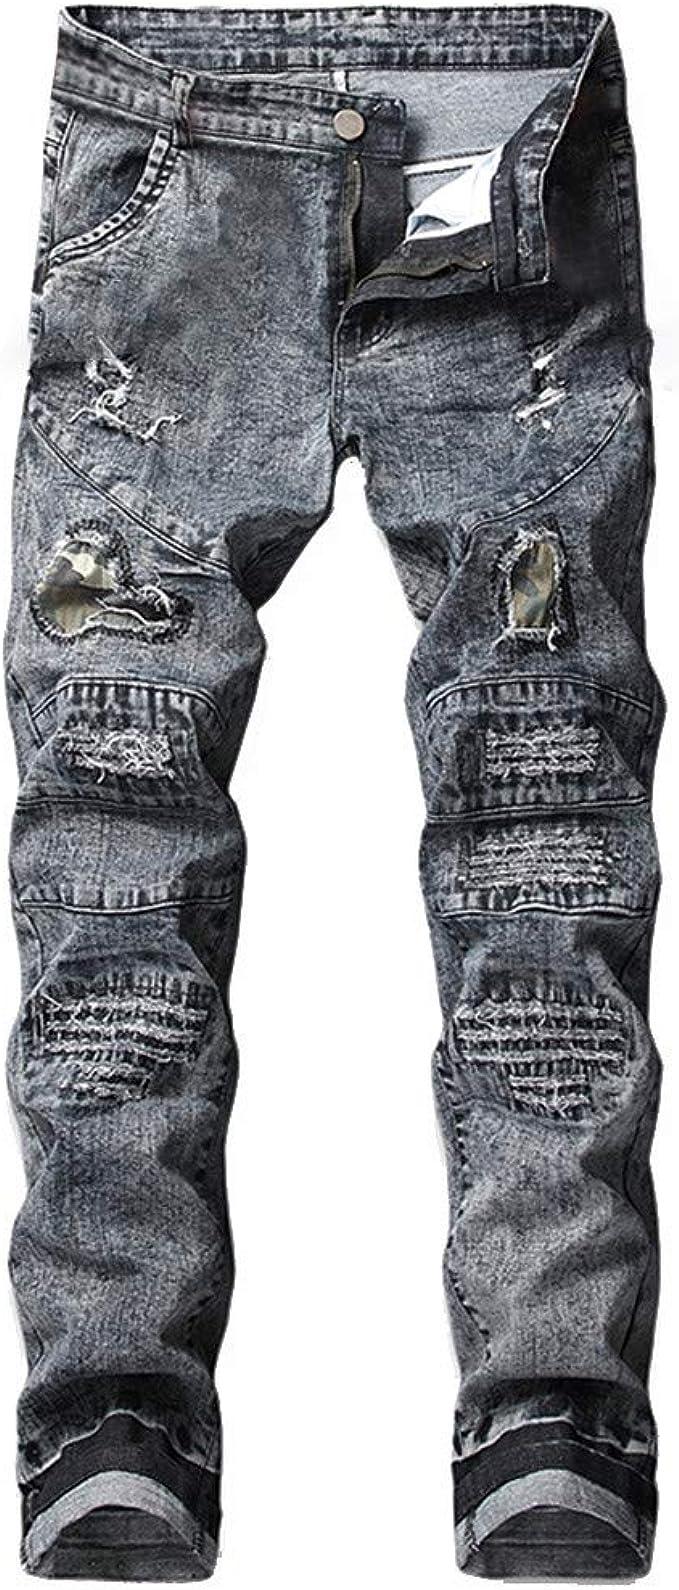 Amazon.com: Pantalones vaqueros para hombre, estilo ...